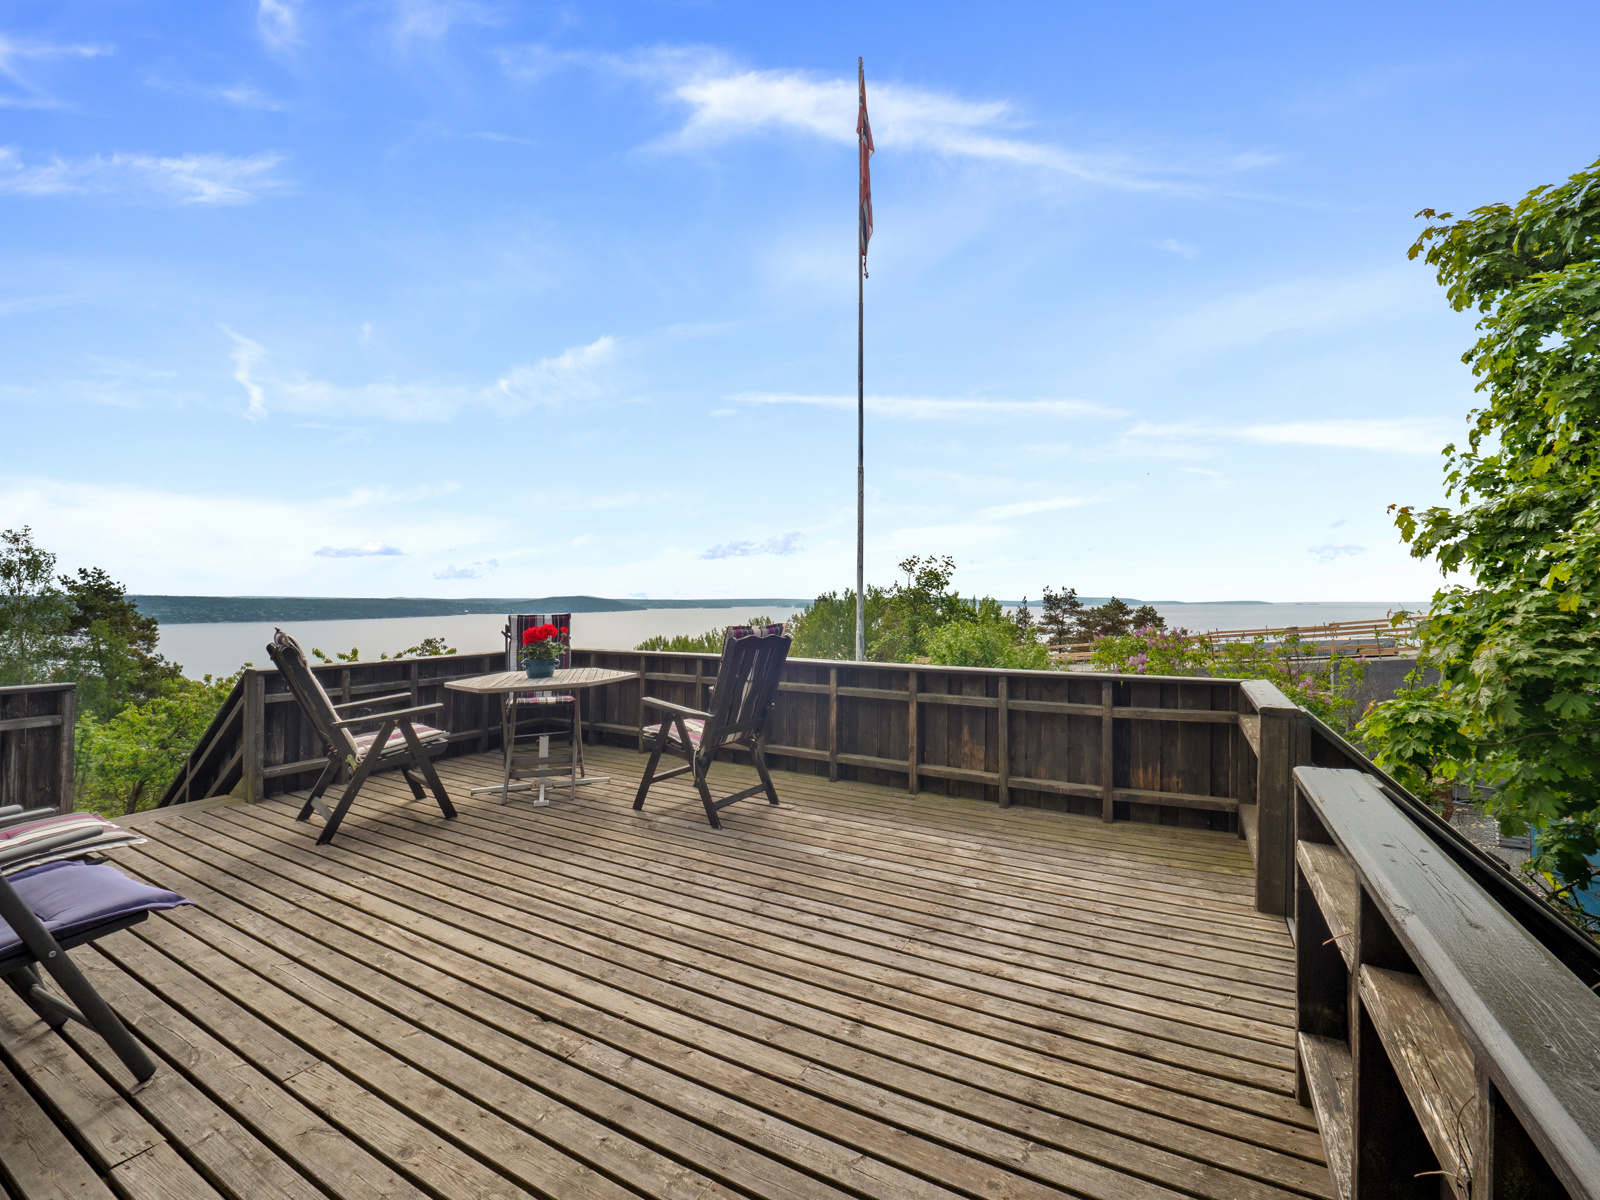 Stor terrasse med plass til flere sittegrupper -Perfekt for late dager i solen